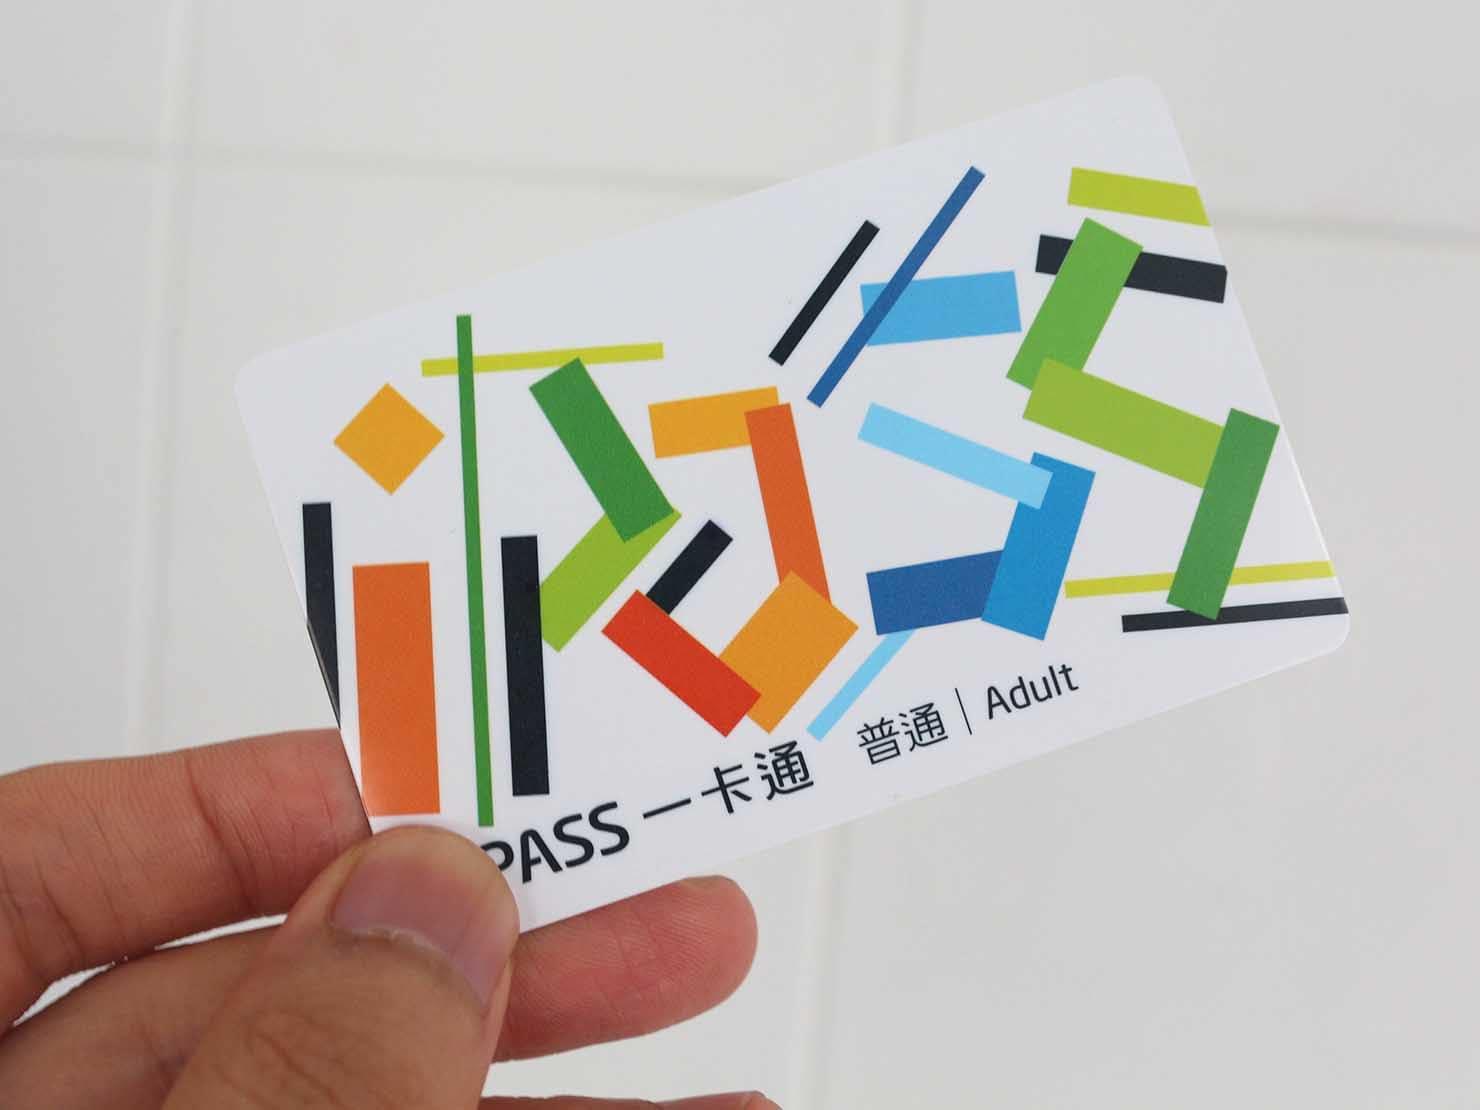 高雄の交通ICカード「一卡通 iPASS」